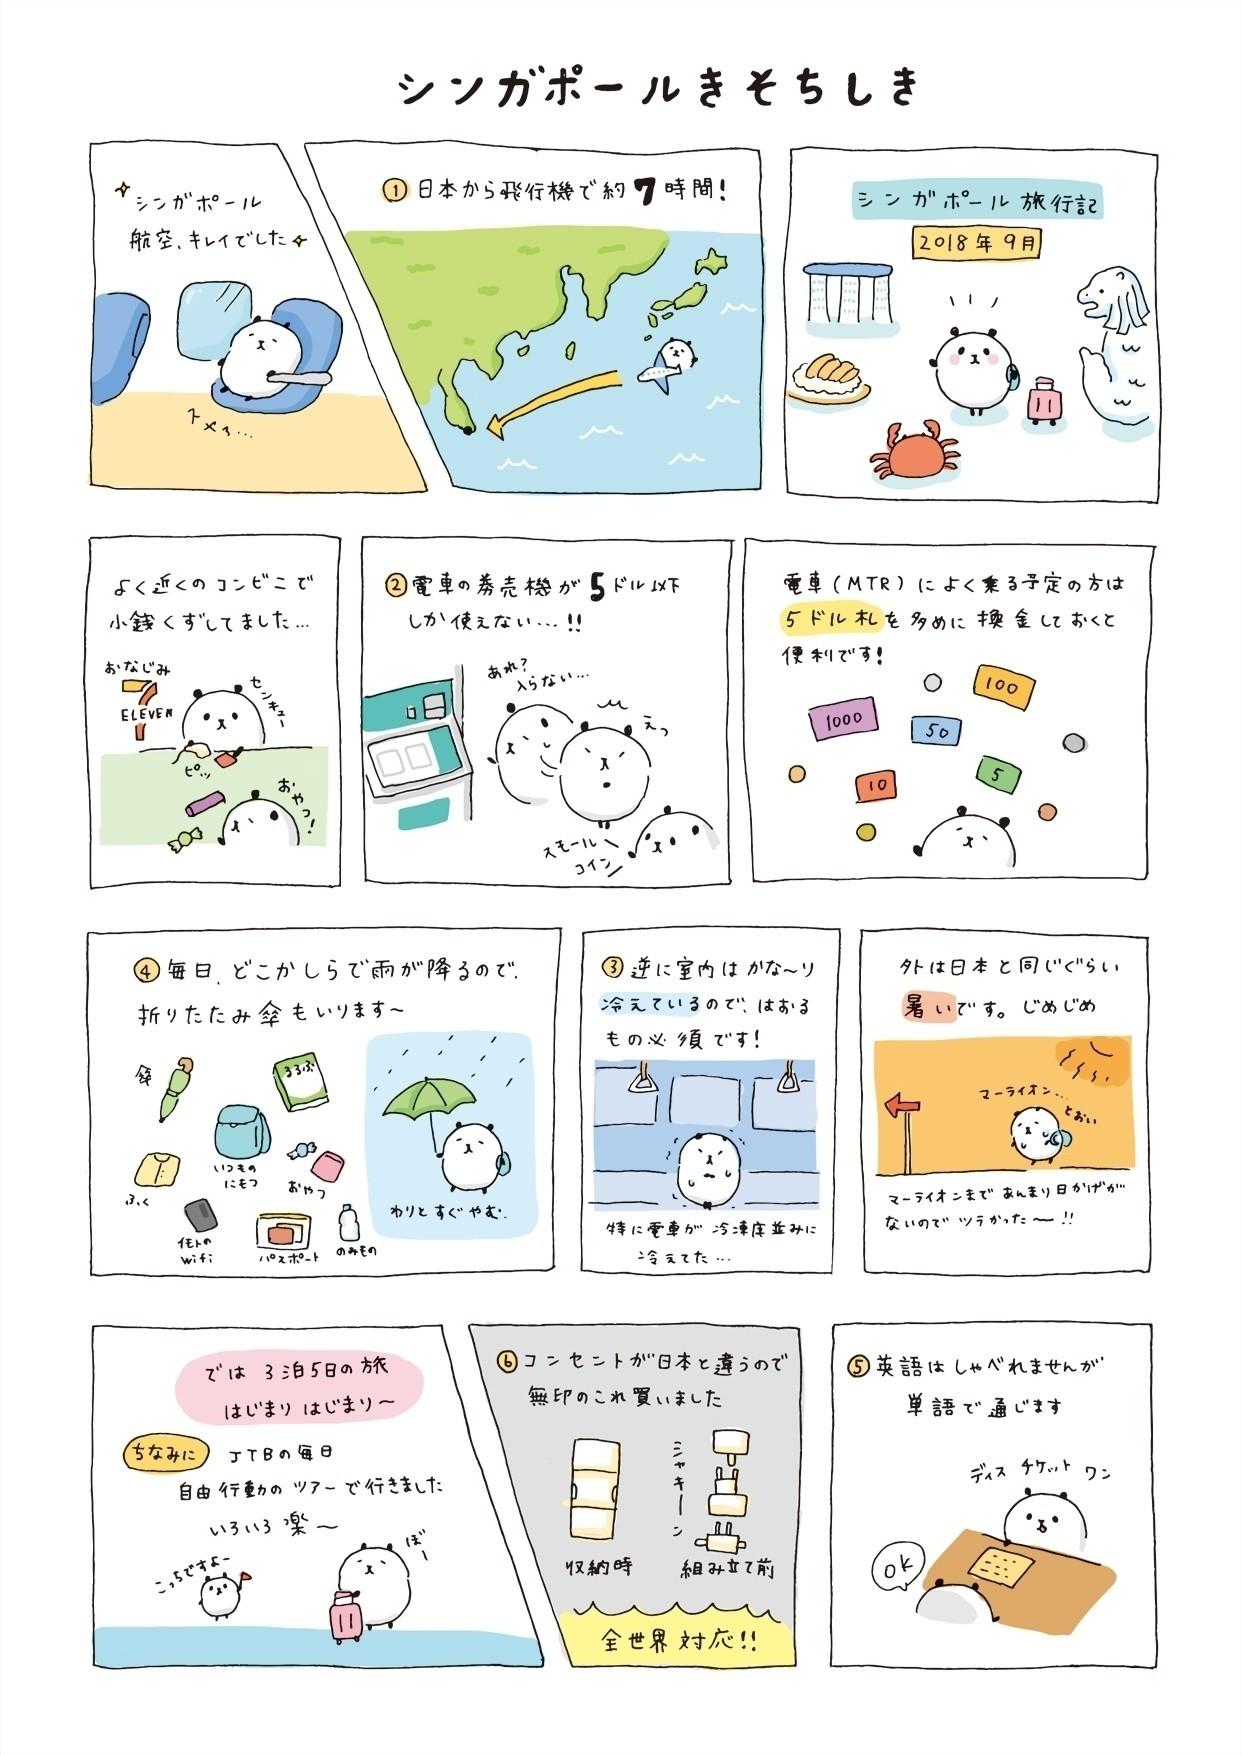  遅筆ですがつづく予定です!初1ページ漫画です😊(謎の達成感)  #漫画 #エッセイ #海外旅行 #シンガポール #シンガポール旅行